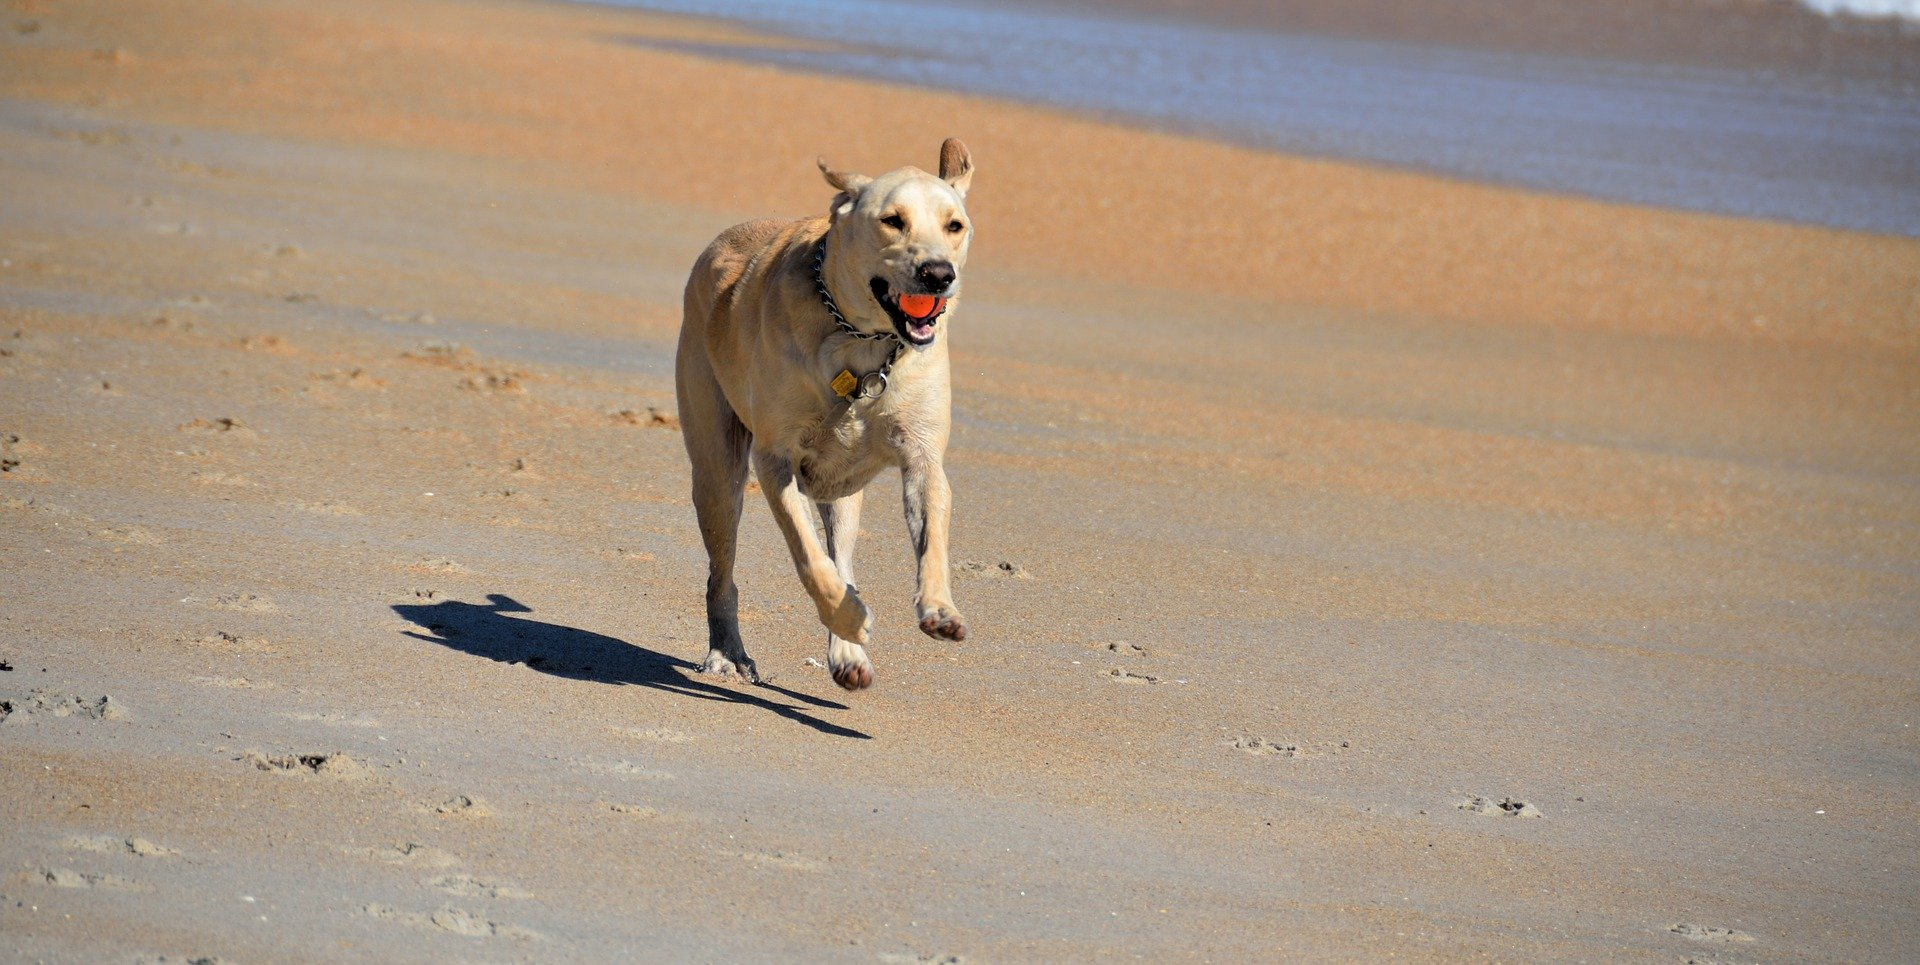 Integratori per cani a cosa servono e la loro utilità